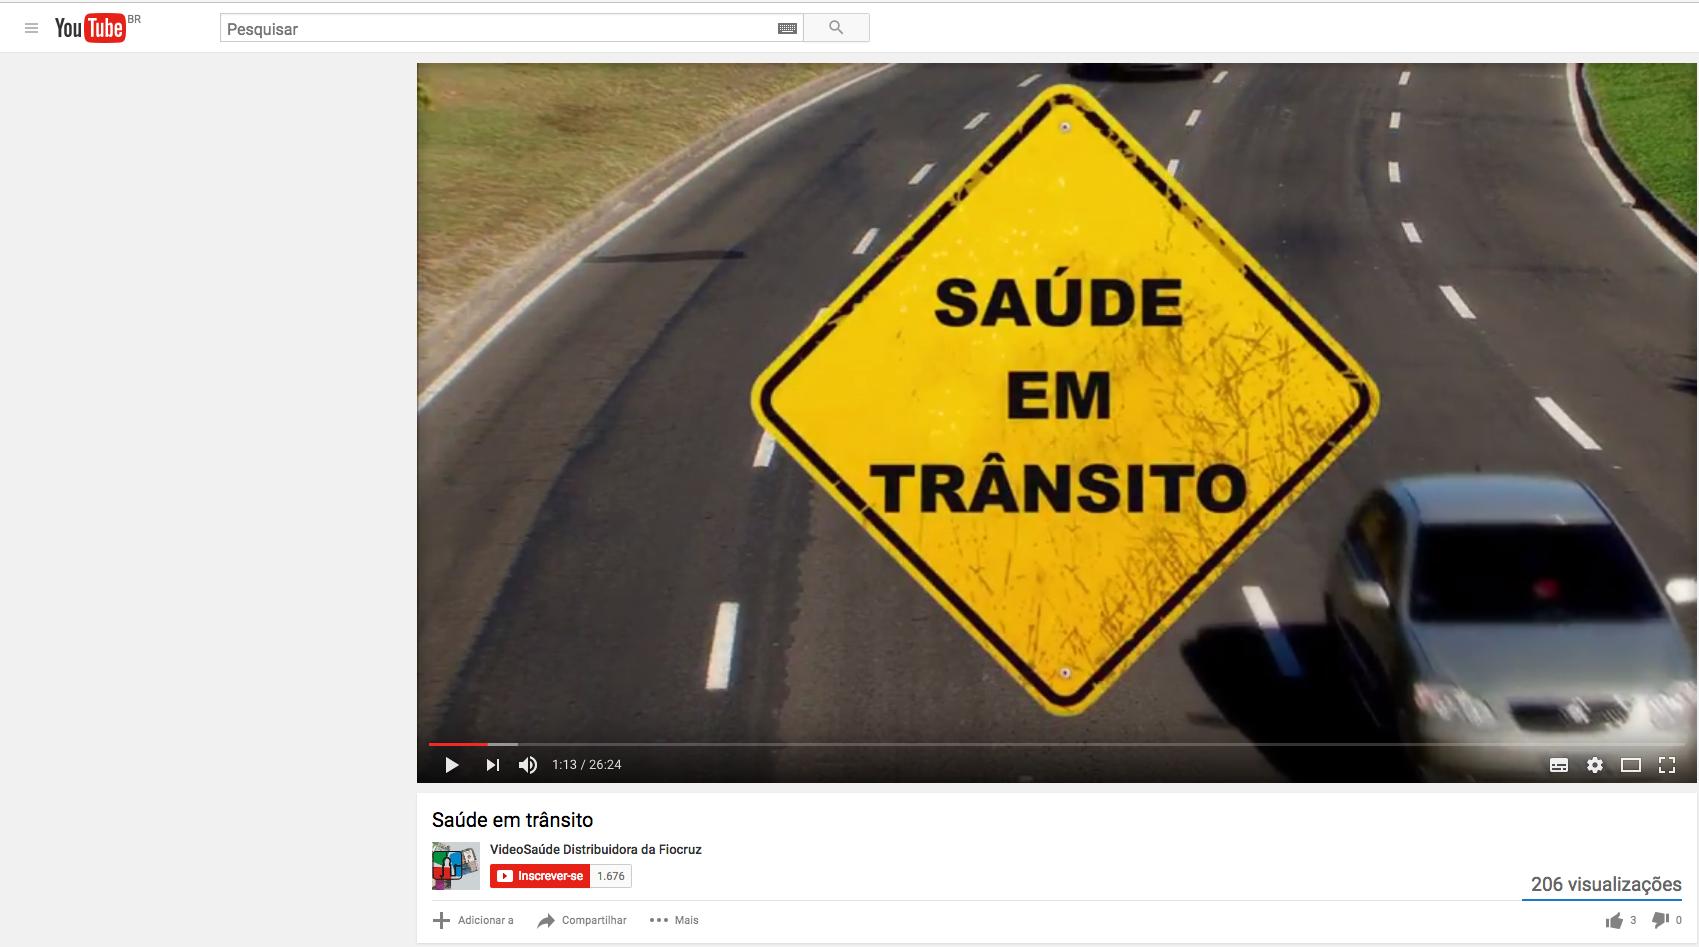 Semana Nacional de Trânsito – Documentário alerta para a violência no trânsito no Brasil